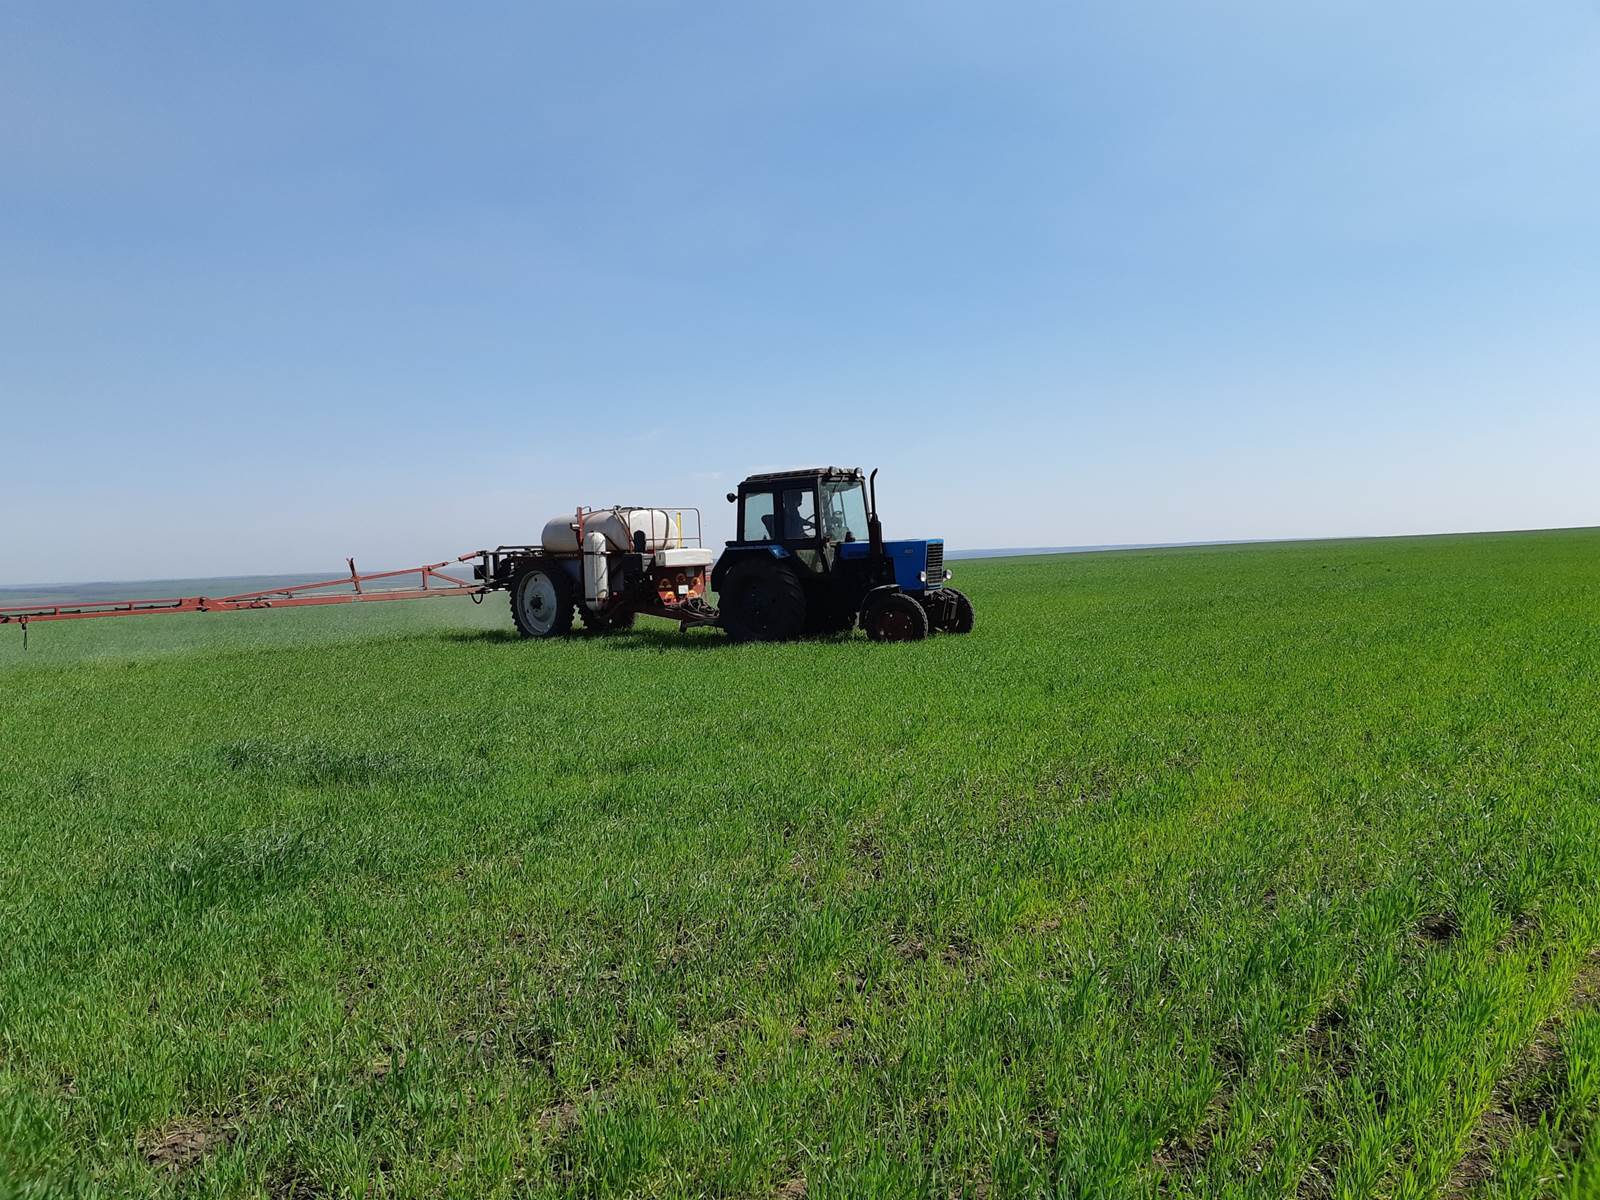 Процесс обработки поля Пшеница озимая препаратами ООО ТД Кирово-Чепецкая Химическая Компания